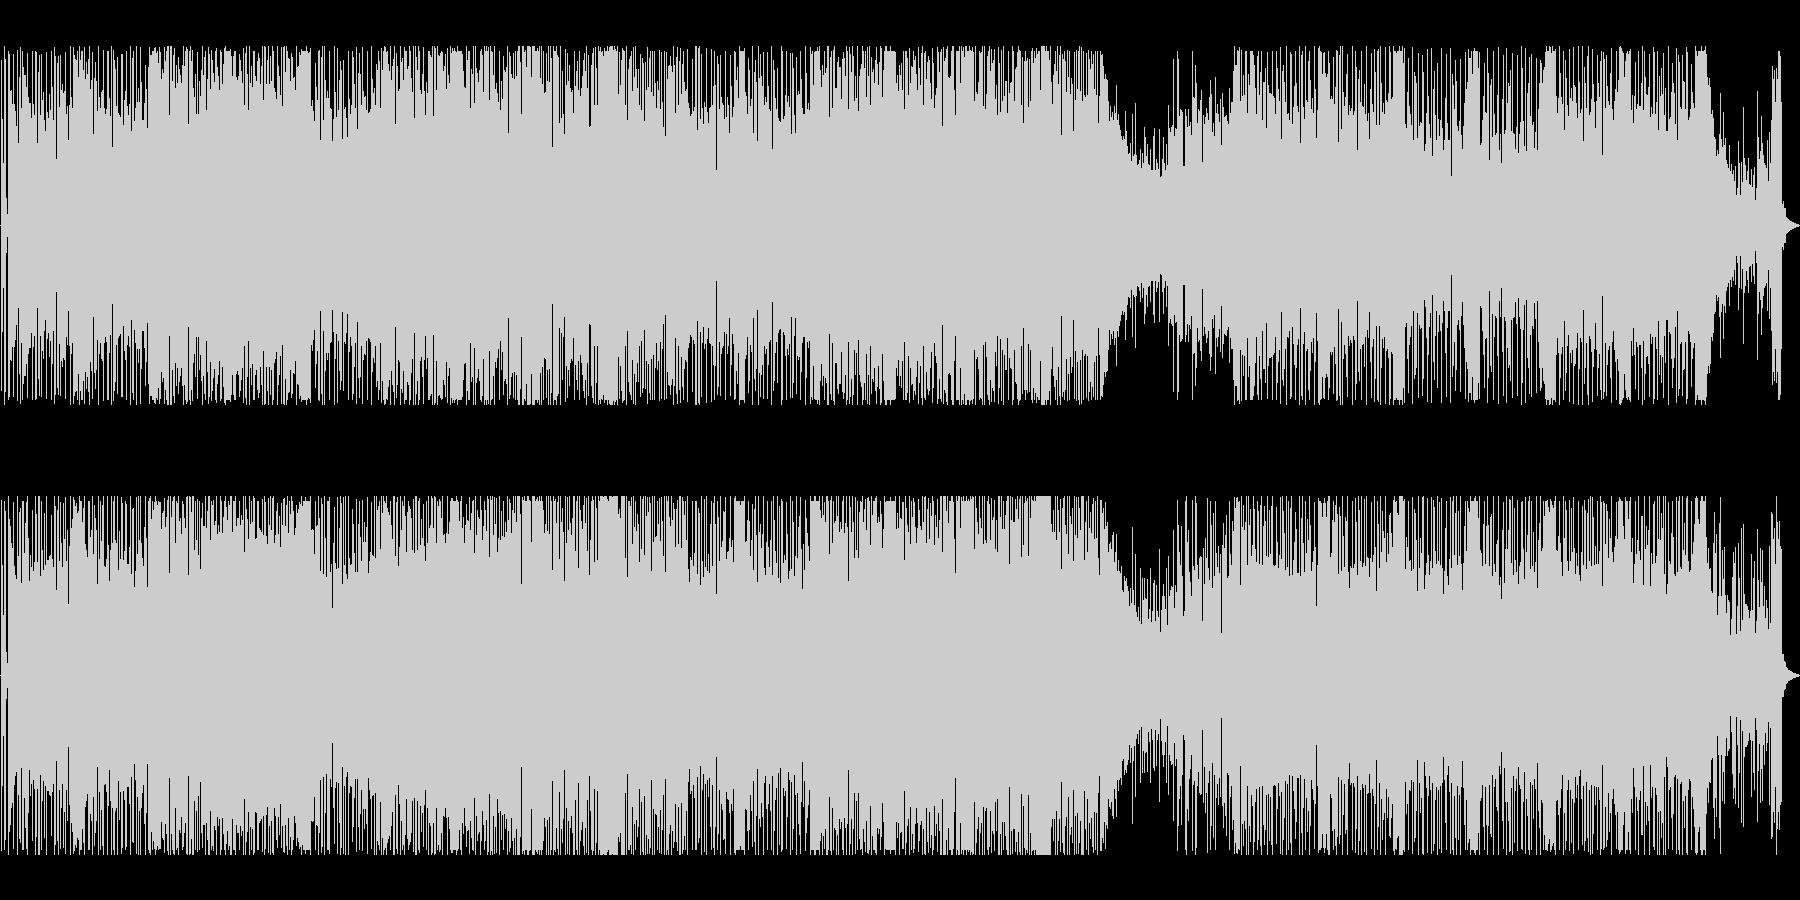 摩天楼・夜景・16ビート・フュージョンの未再生の波形